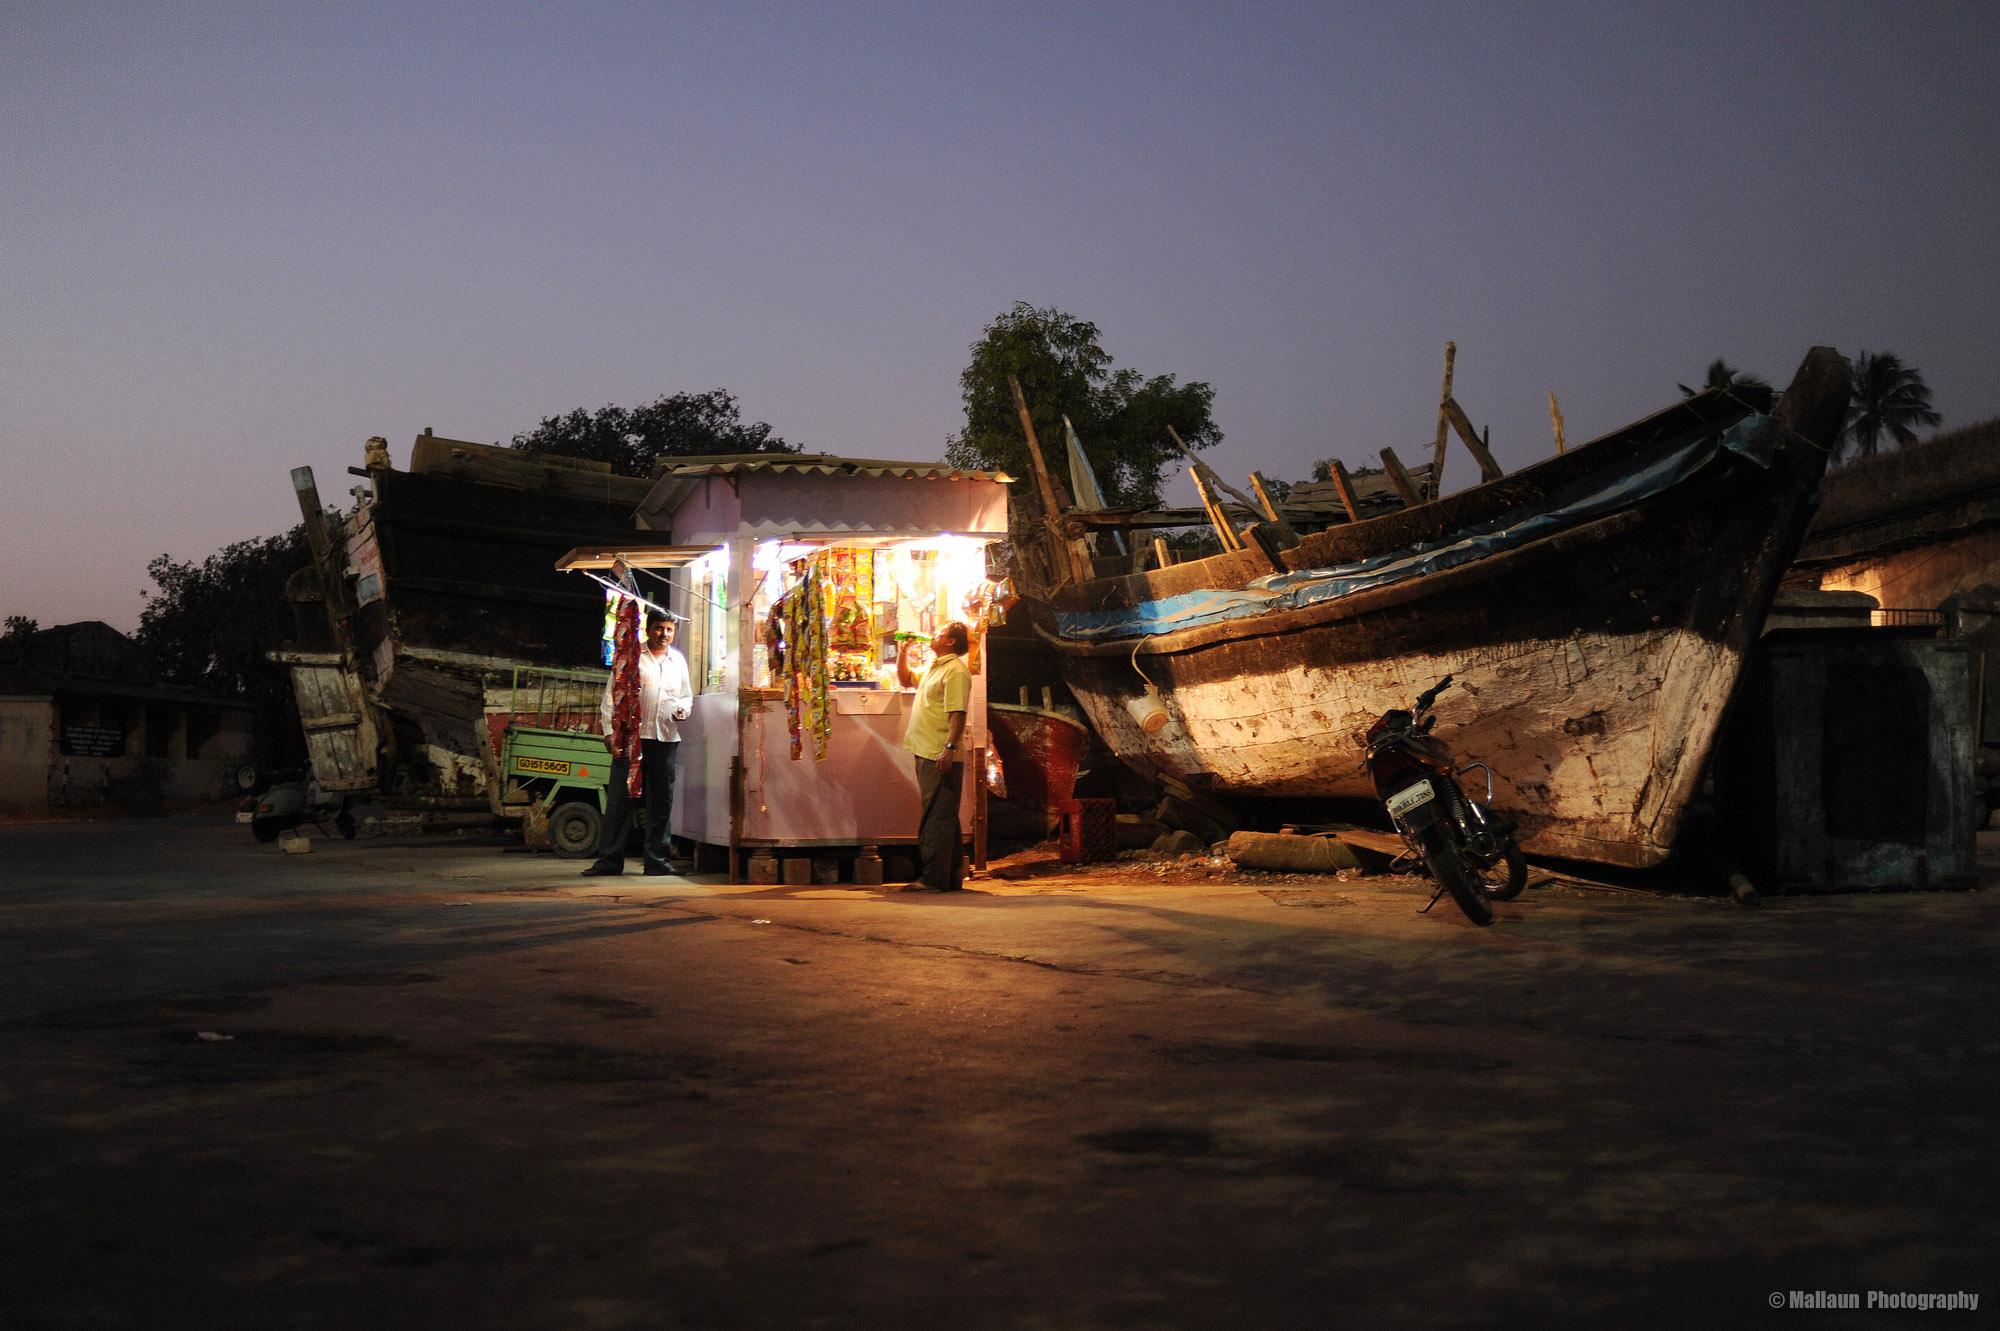 Fischerdorf Daman in Indien © Mallaun Photography